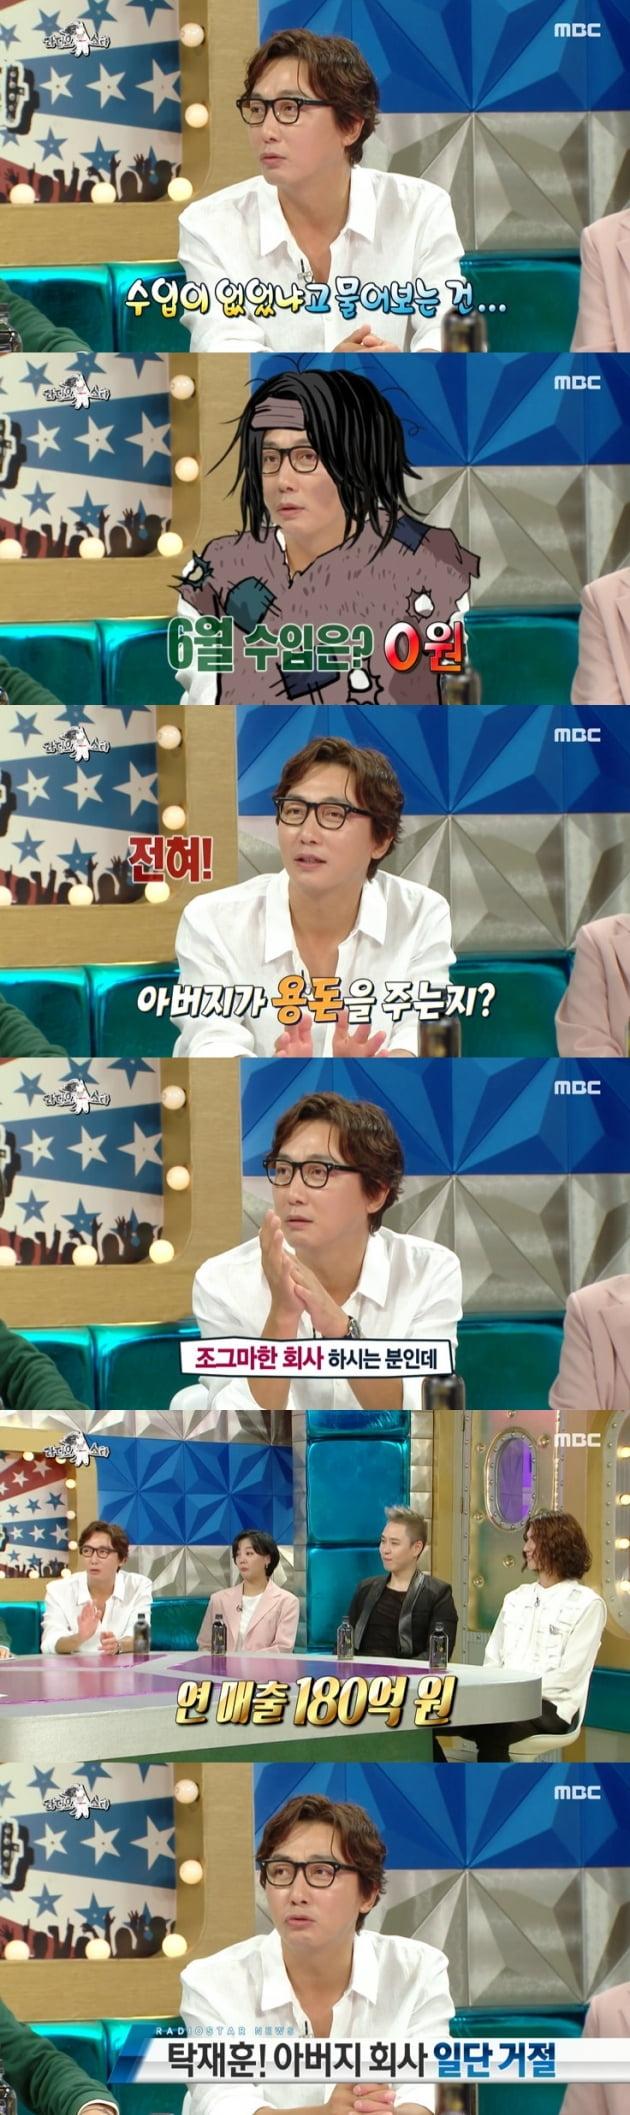 8일 방송된 MBC 예능 프로그램 '라디오스타'에서는 '도른자' 특집으로 가수 탁재훈이 출연해 자신의 아버지 회사를 물려받지 않겠다고 밝혔다. 사진=MBC '라디오스타'방송 캡처